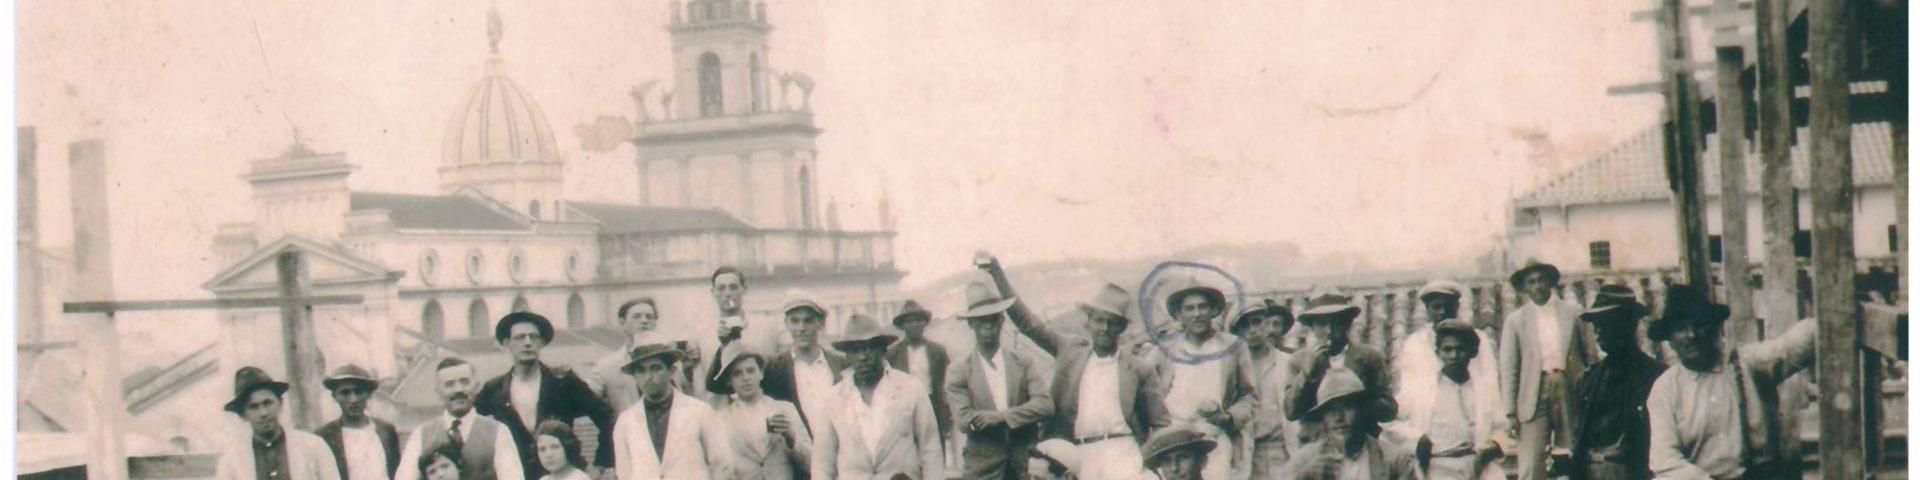 Imagem retirada do site IHGG-Campinas